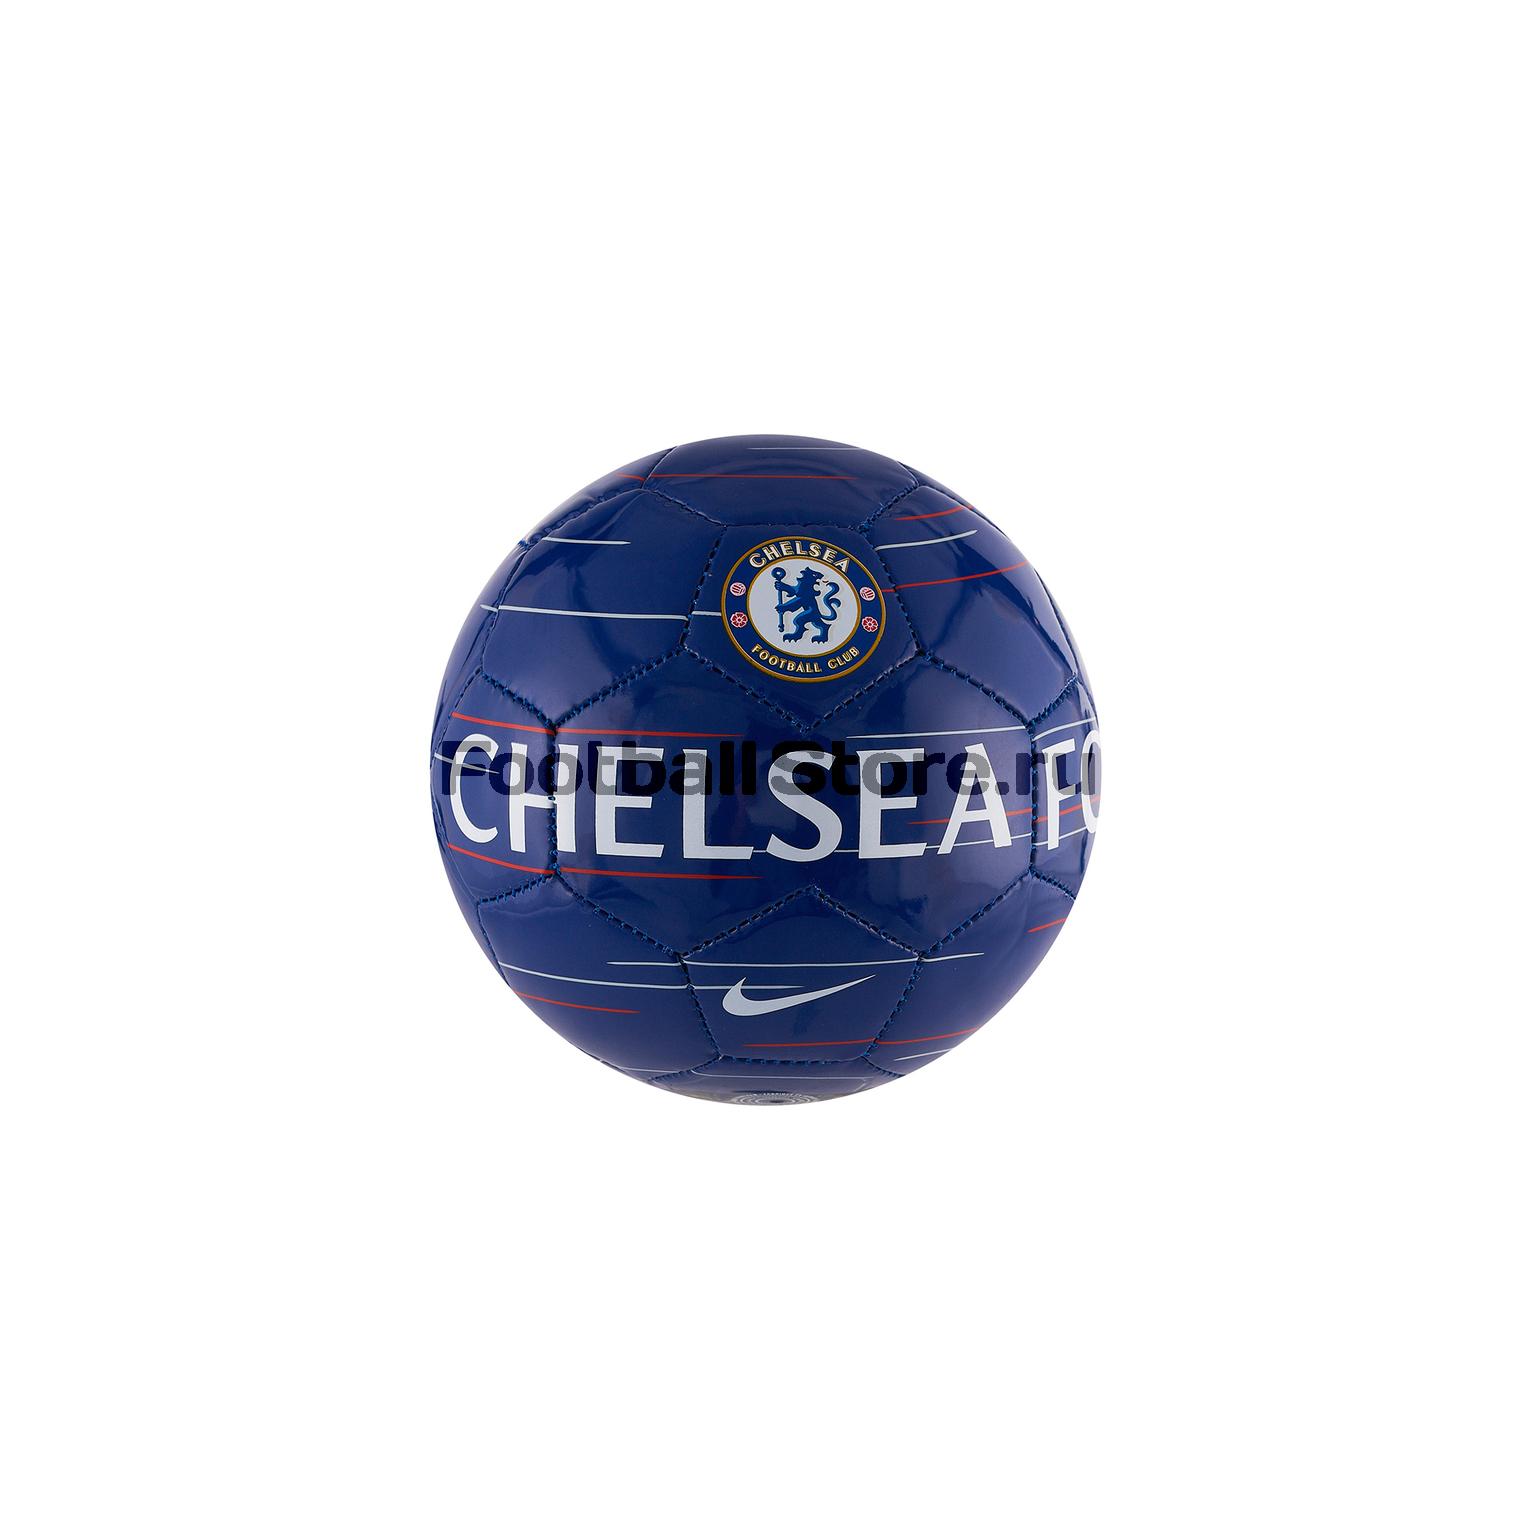 Футбольный мяч сувенирный Nike Chelsea SC3336-495 13922 3922